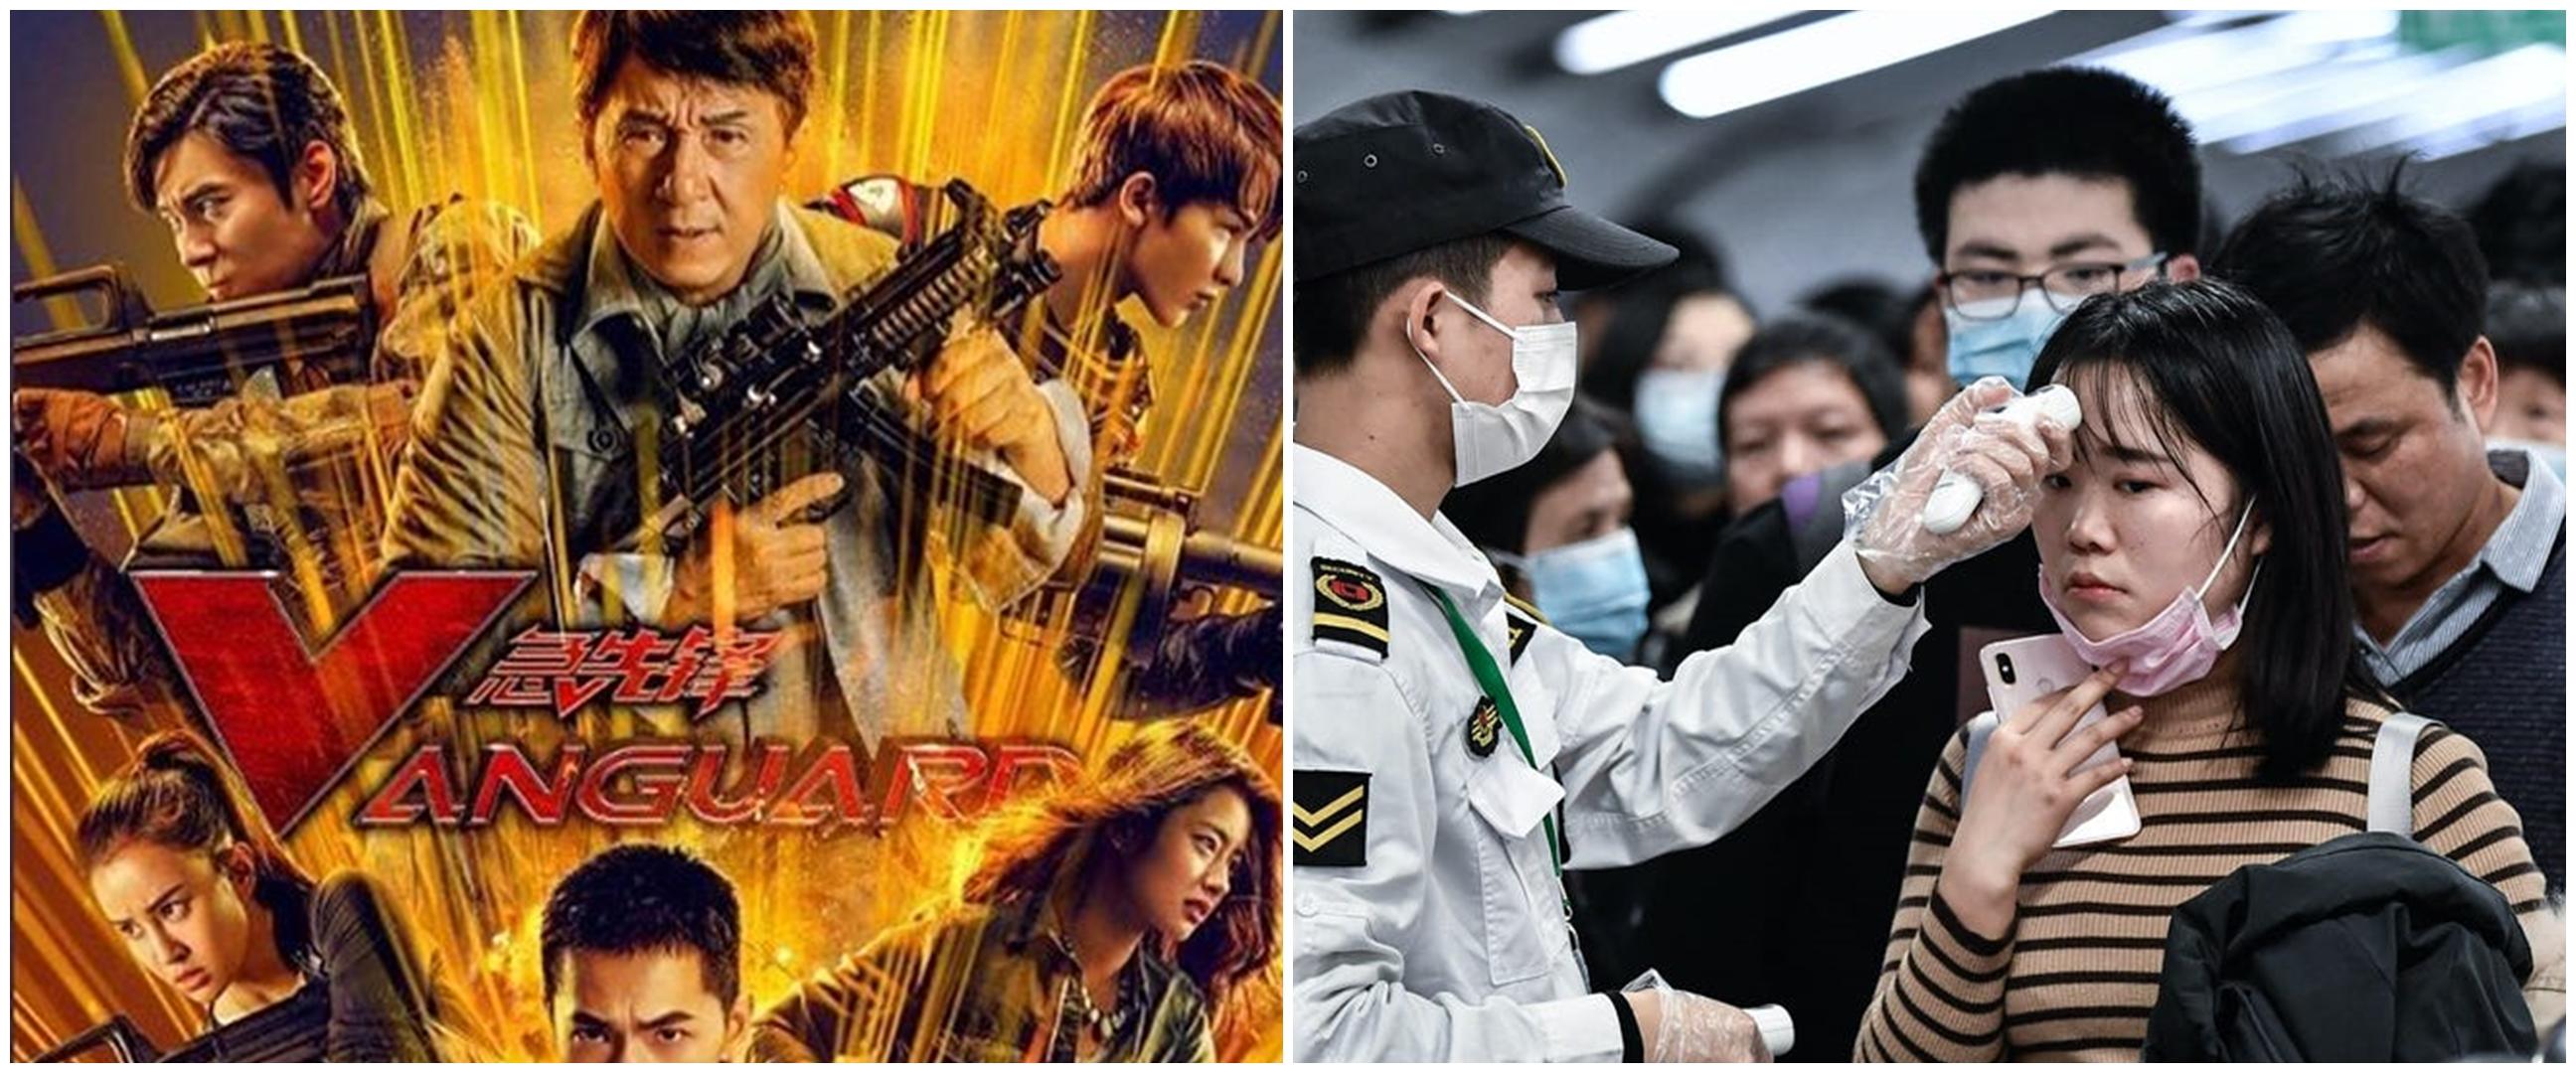 5 Film terbaik China ini gagal tayang karena virus Corona